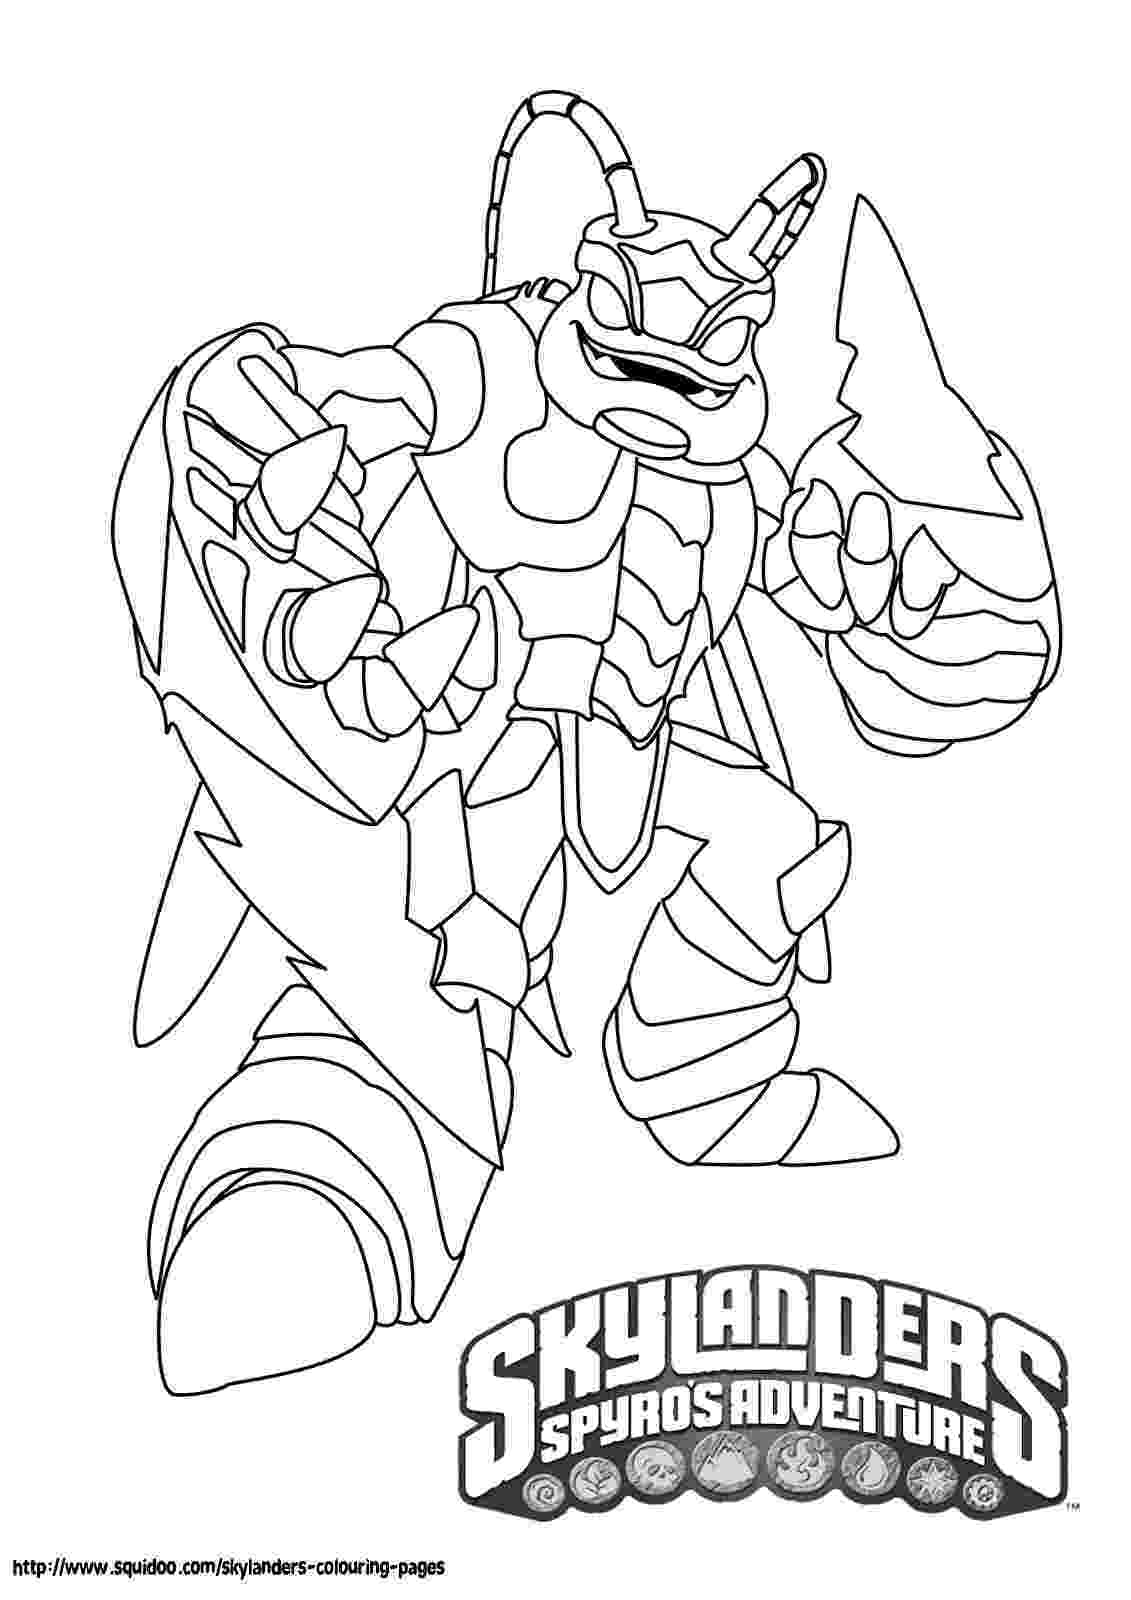 skylanders coloring pages skylanders giants coloring pages team colors coloring pages skylanders